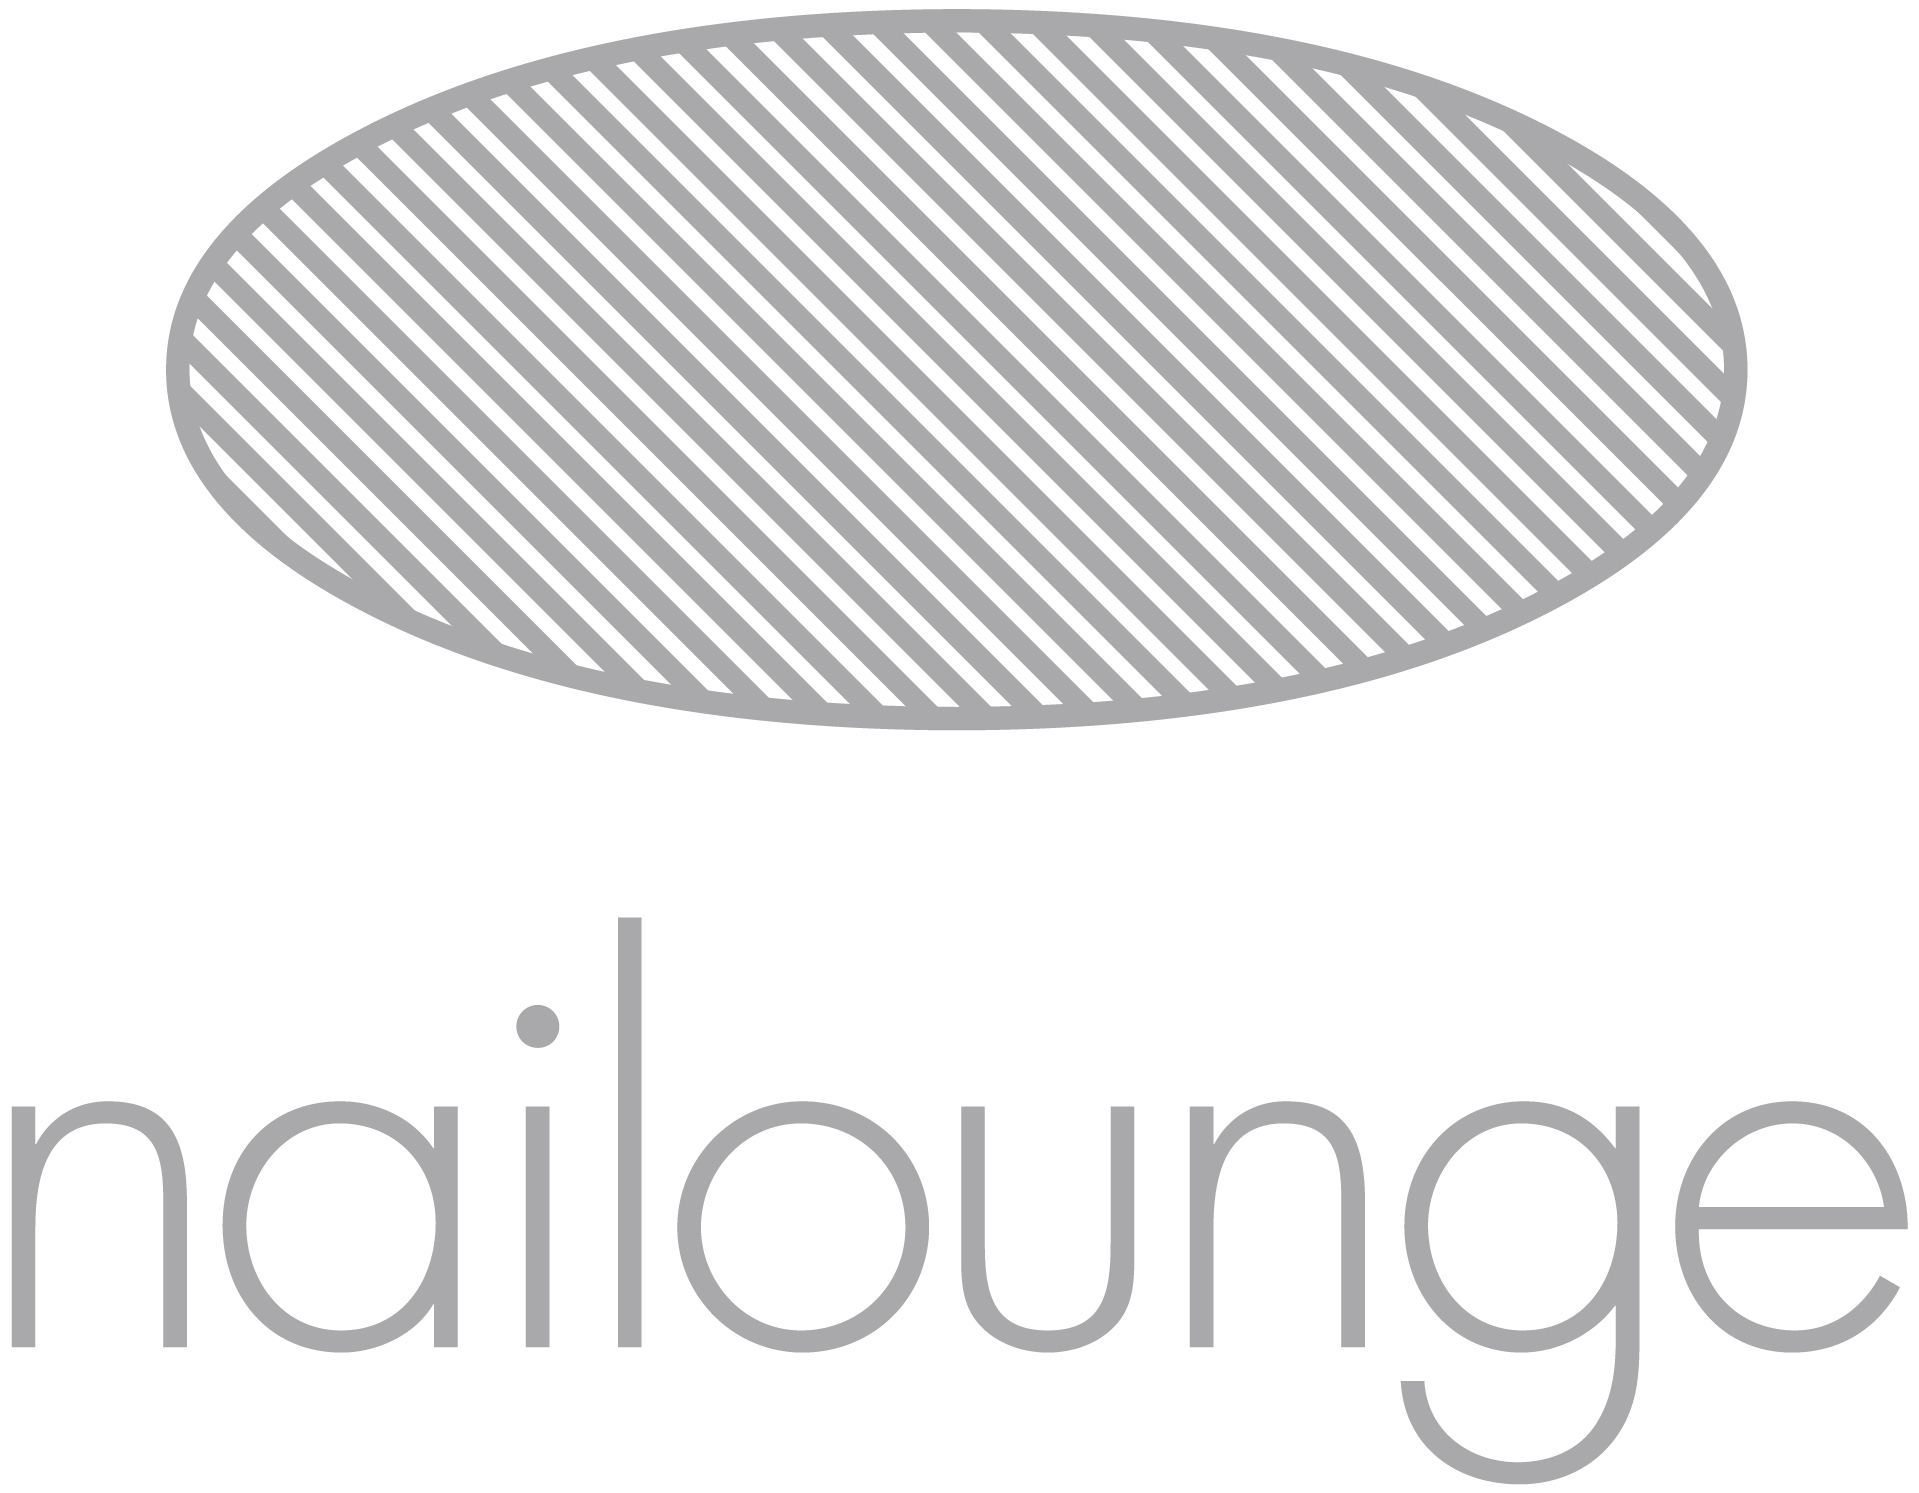 NAILOUNGE LOGO JPG - 01 GREY.jpg